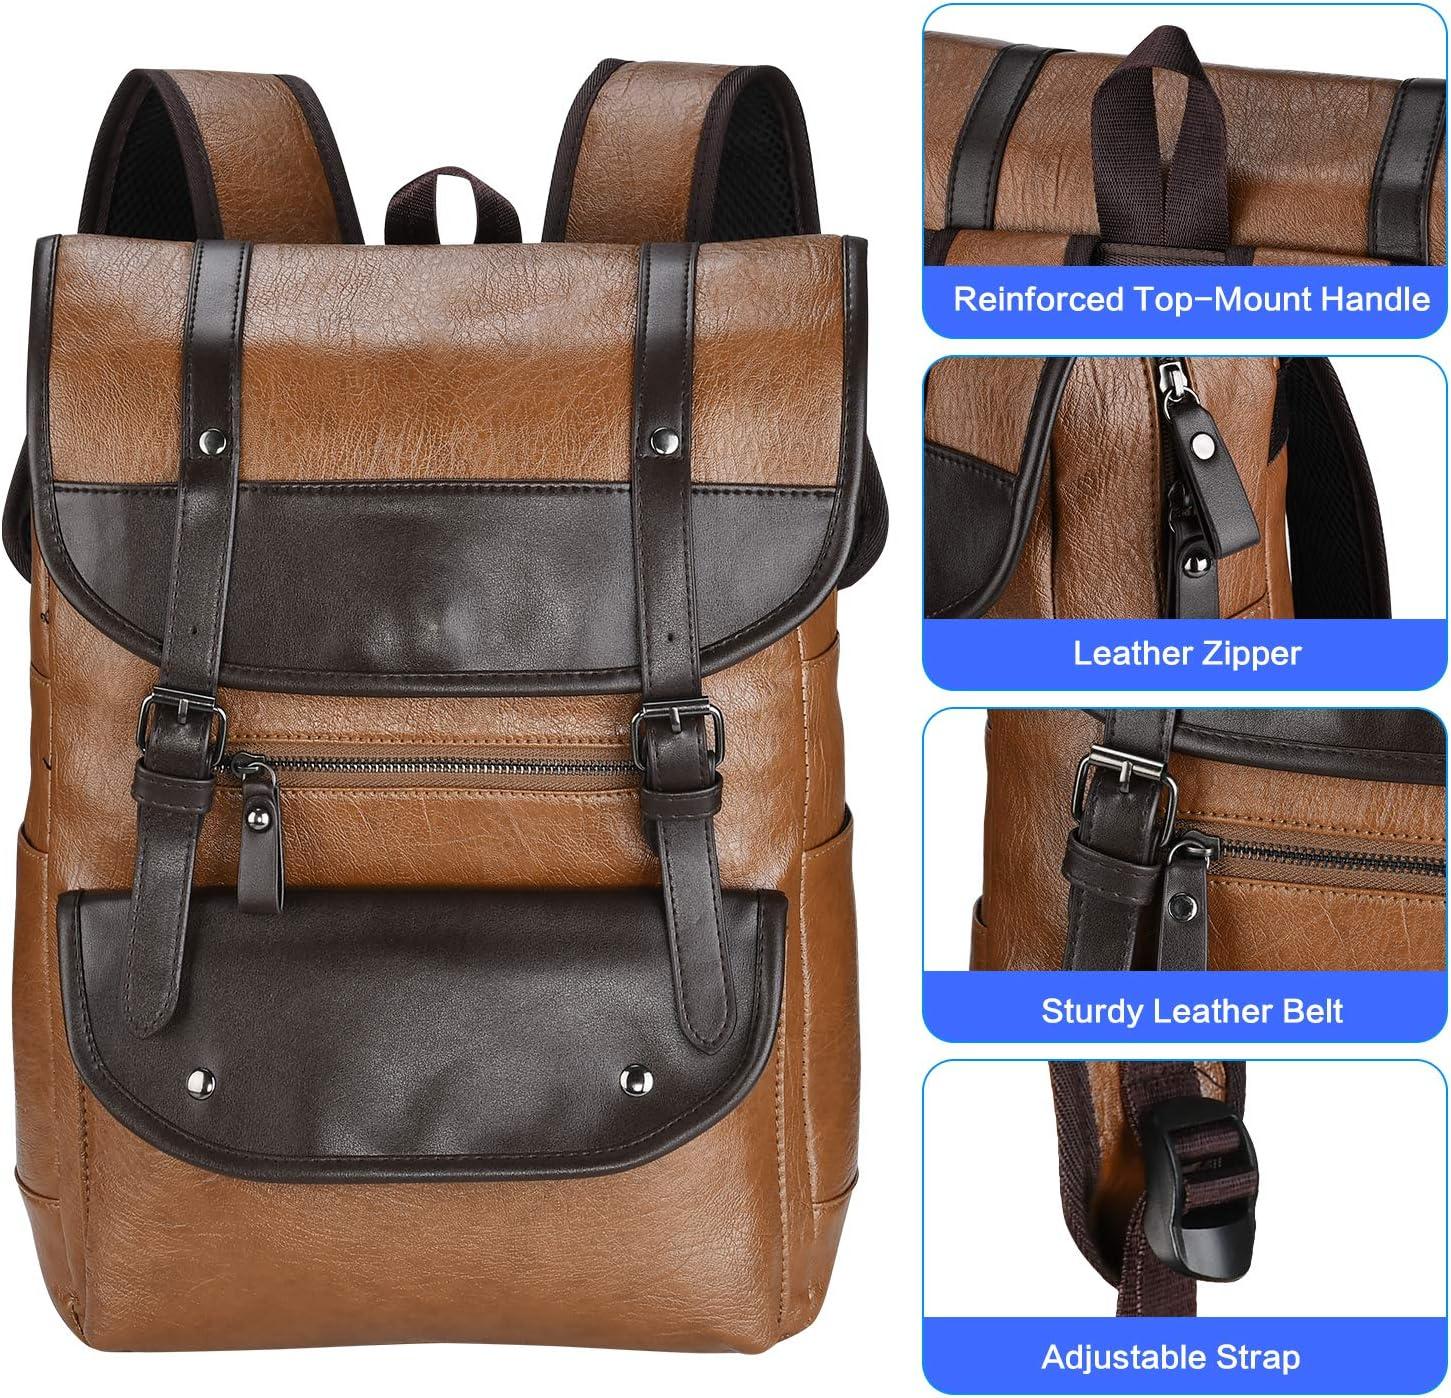 darkbrown Leather Backpack Vintage Leather Brown Backpack Vegan Travel College Bookbag for Women and Men